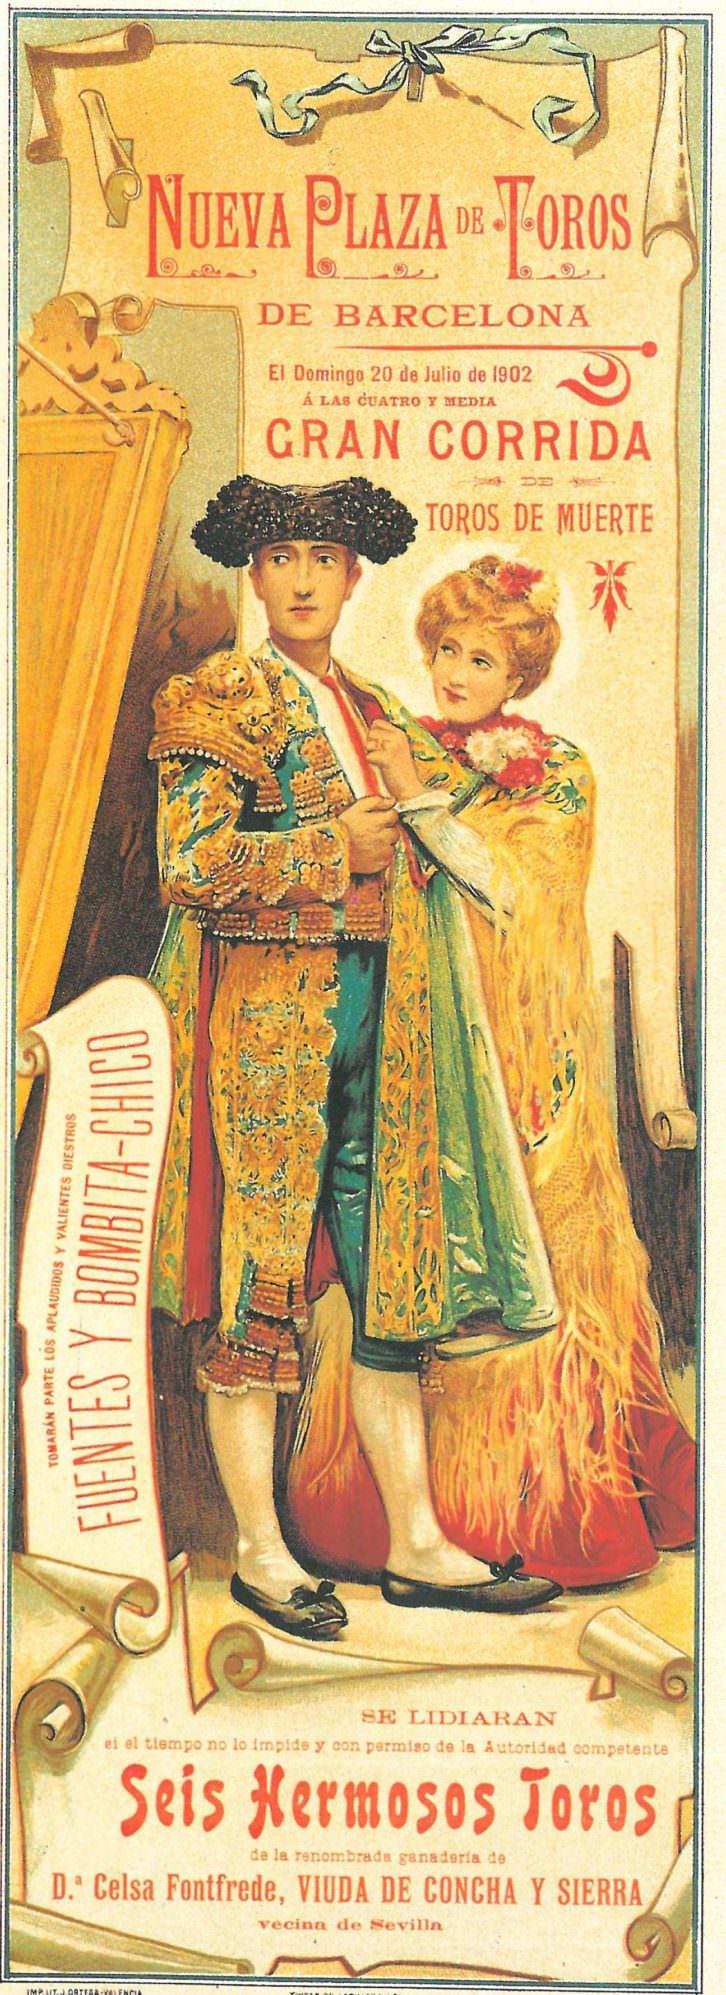 """Cartel de Cecilio Plá anunciando la """"gran corrida de toros de muerte"""" en la nueva plaza de toros de Barcelona (1902). Imagen cortesía de la biblioteca del Museo Taurino de Valencia."""